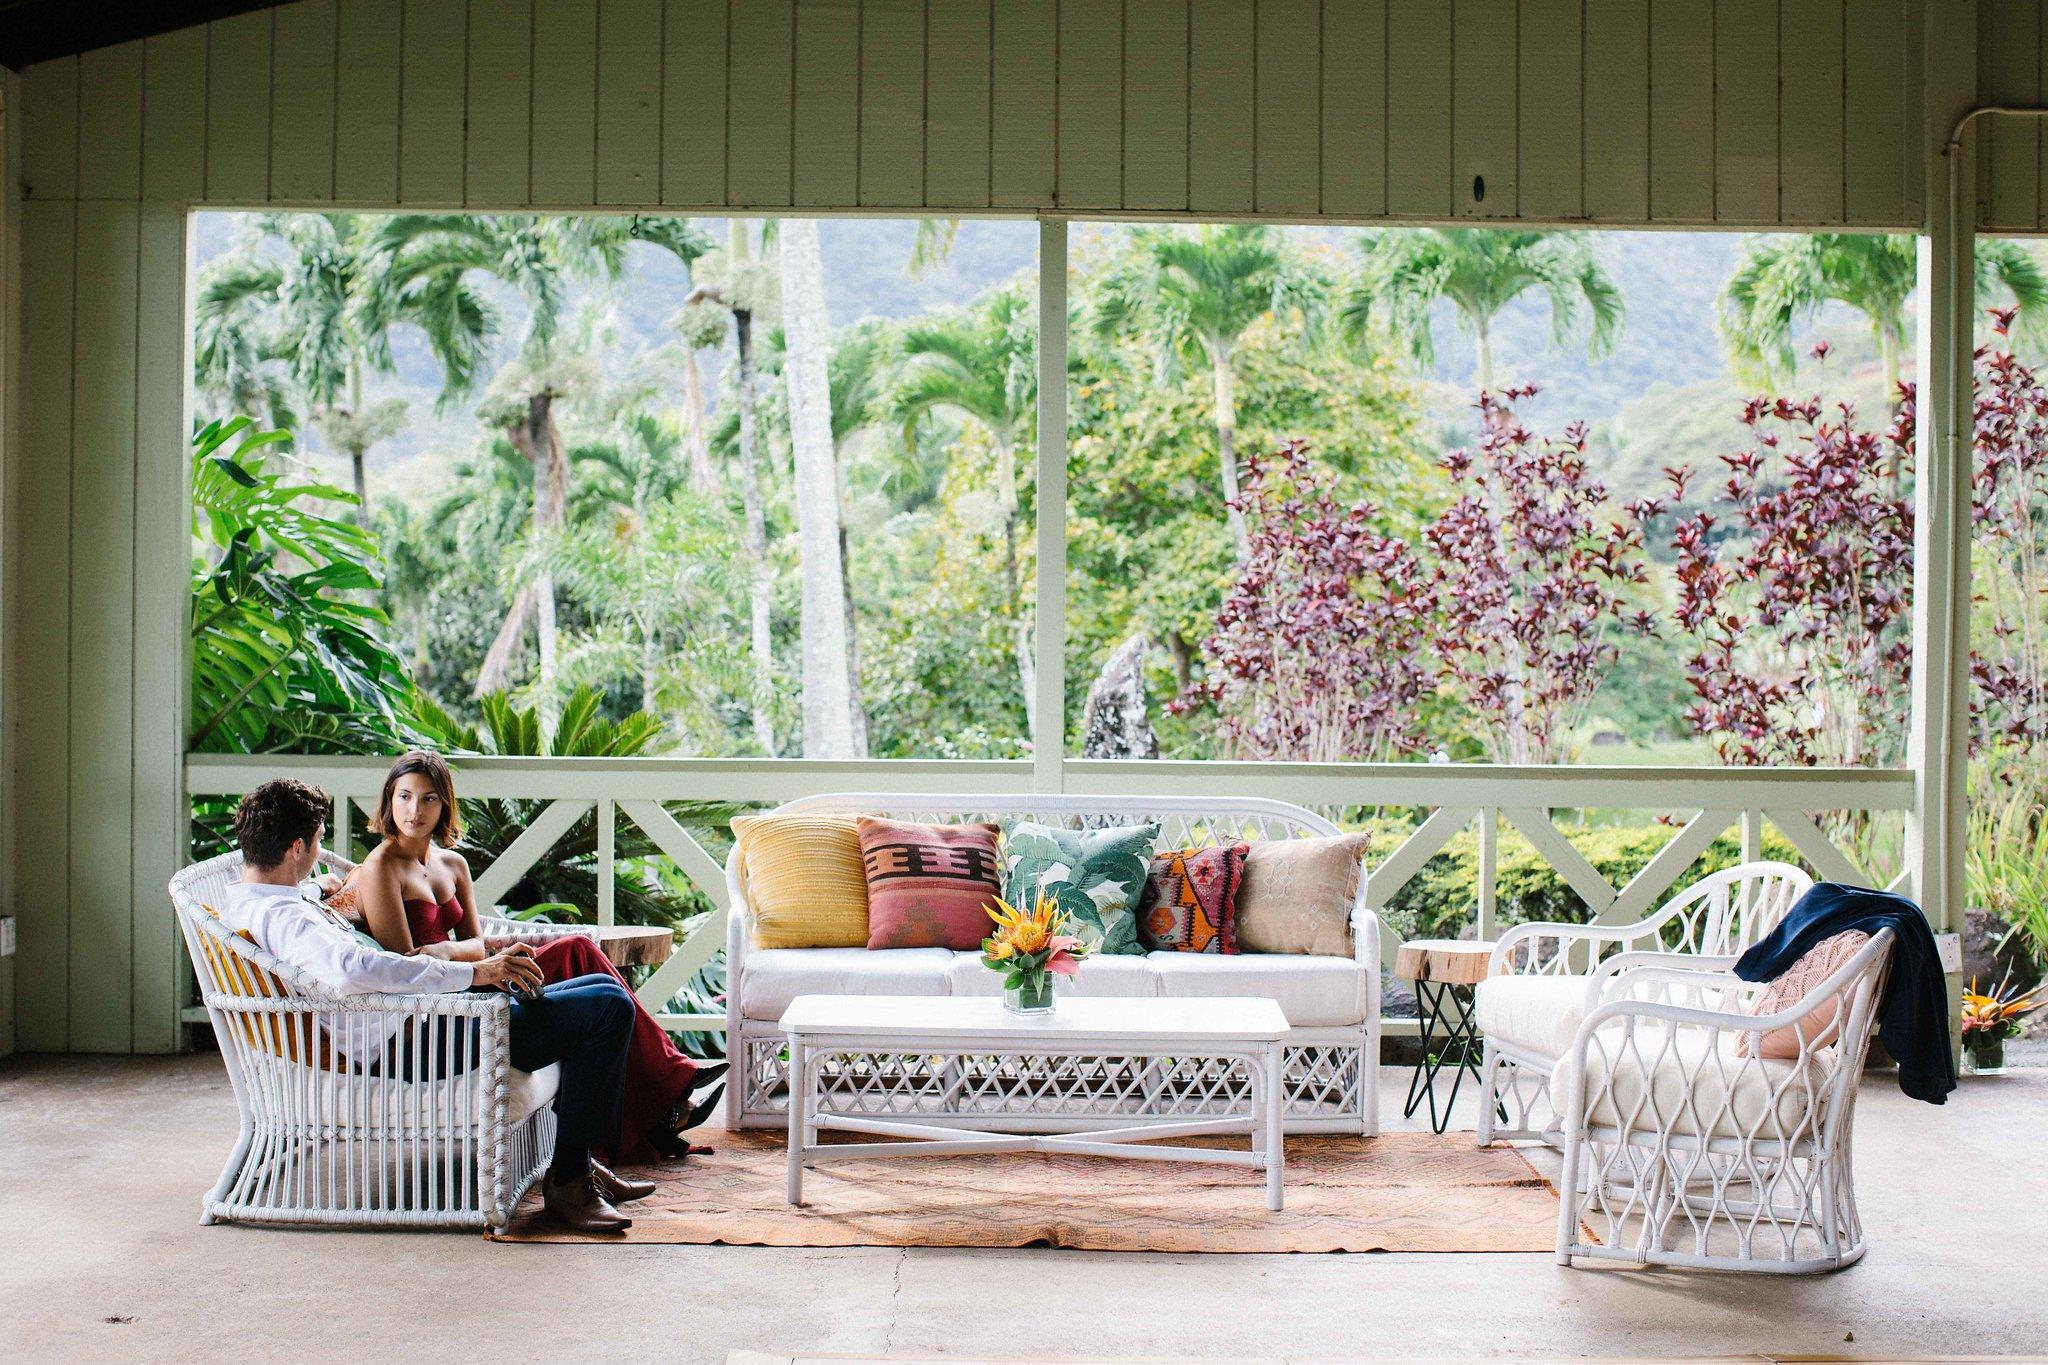 White Rattan Seating ,  White Rattan Coffee Table ,  Pillows & Textiles